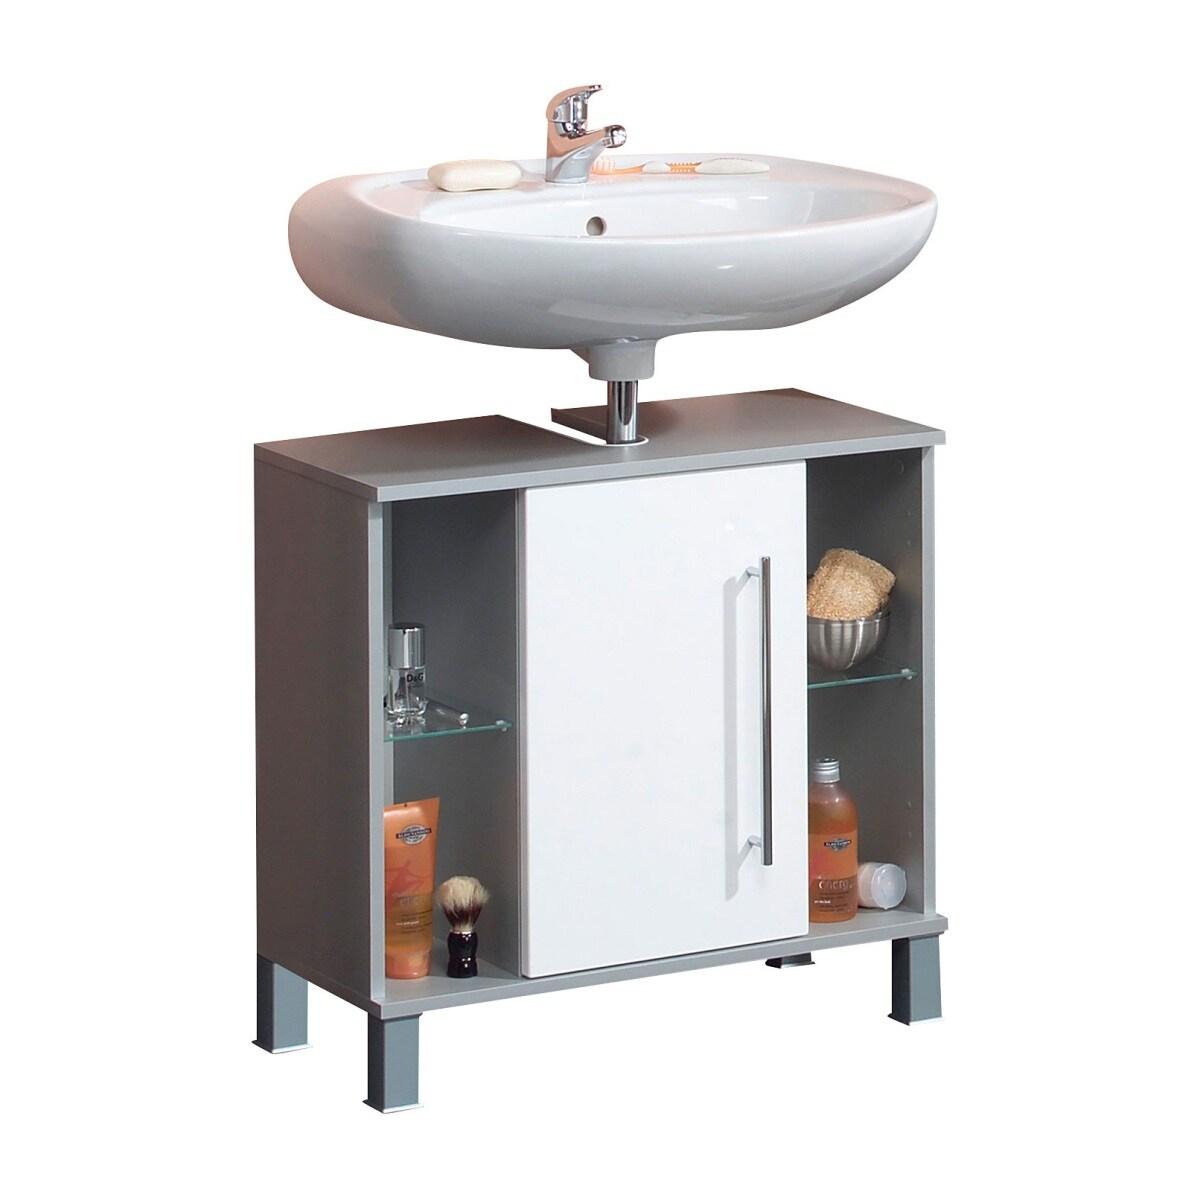 Waschbeckenunterschrank Weiß Hochglanz ca. 65 x 64,5 x 31,5 cm  porta!